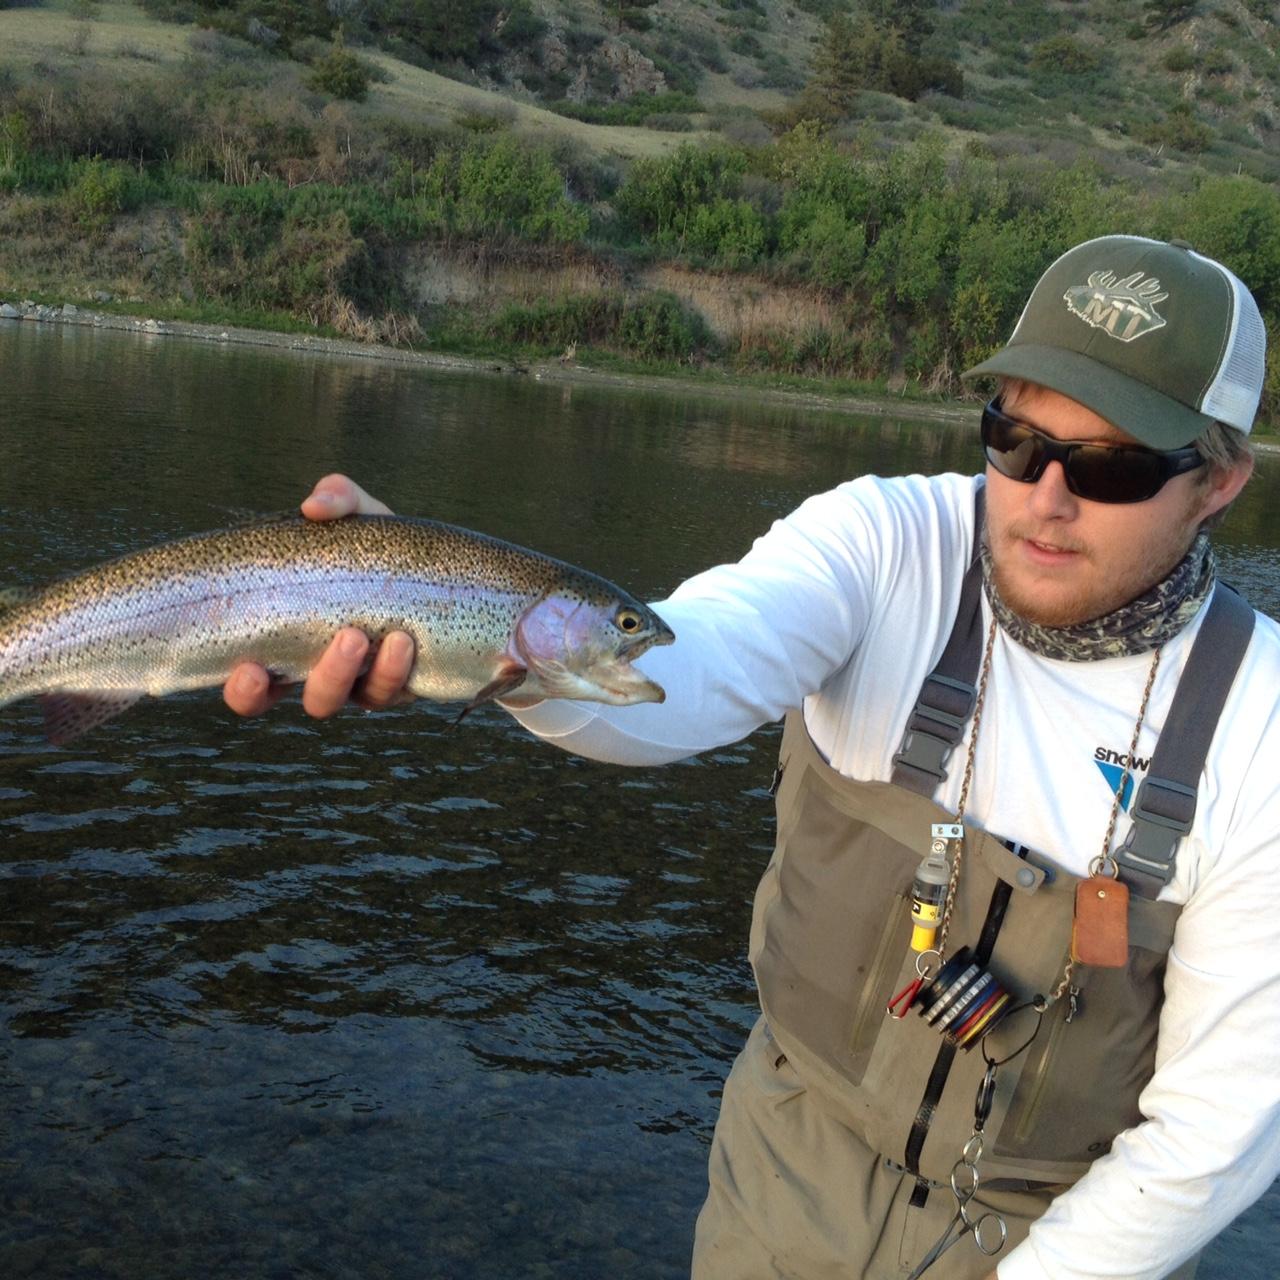 Missouri river fishing report 5 smorgasbord edition for Missouri river fishing